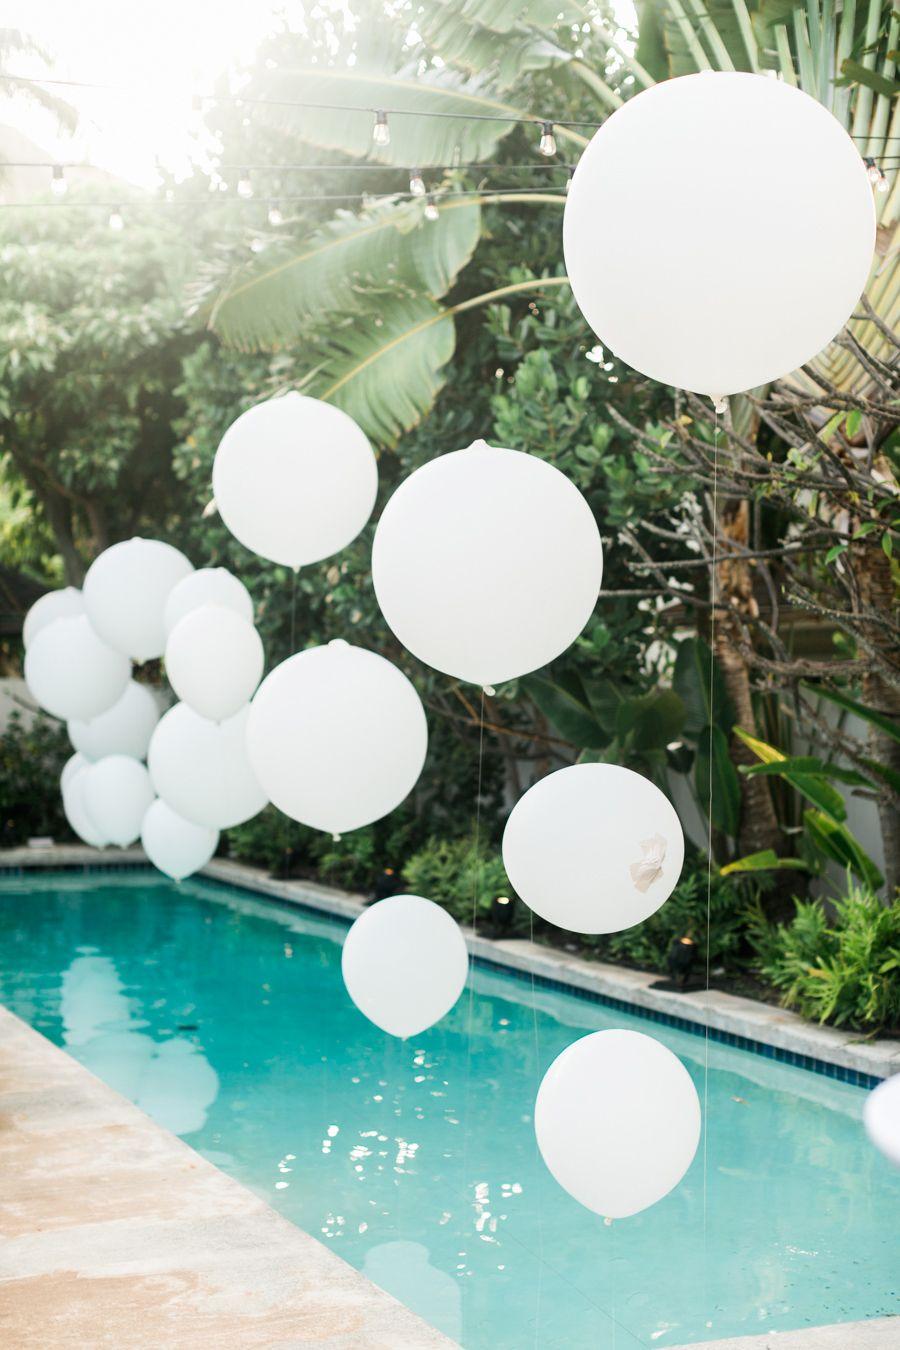 luftballon dekoration minimalistische party deko party deko selber machen party und. Black Bedroom Furniture Sets. Home Design Ideas